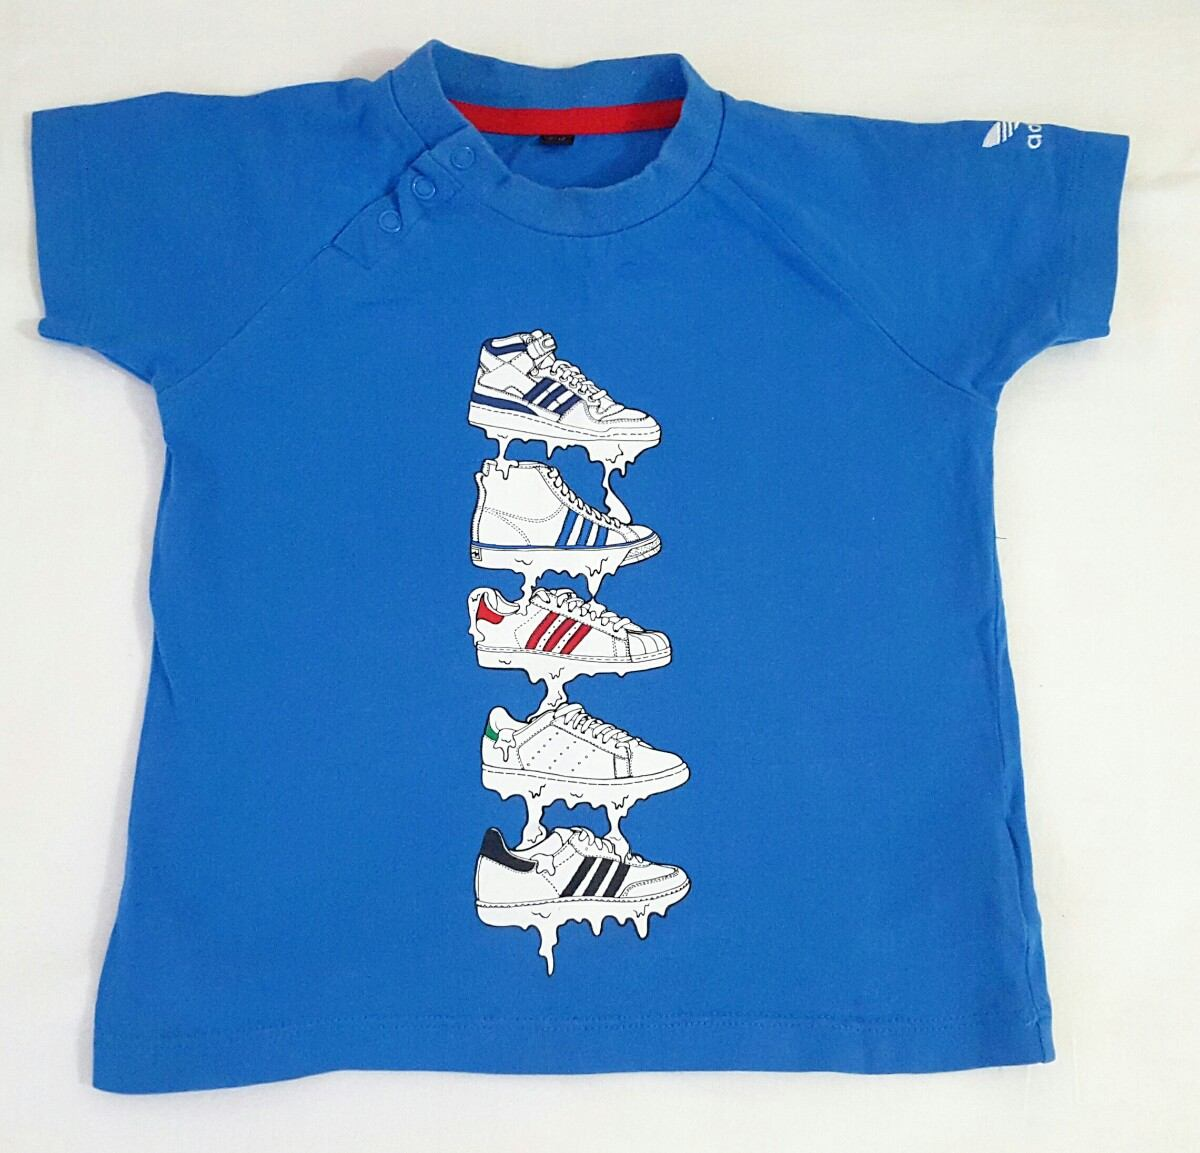 2396adabe2da4 camisa importada adidas infantil menino tamanho 12-18 meses. Carregando  zoom.